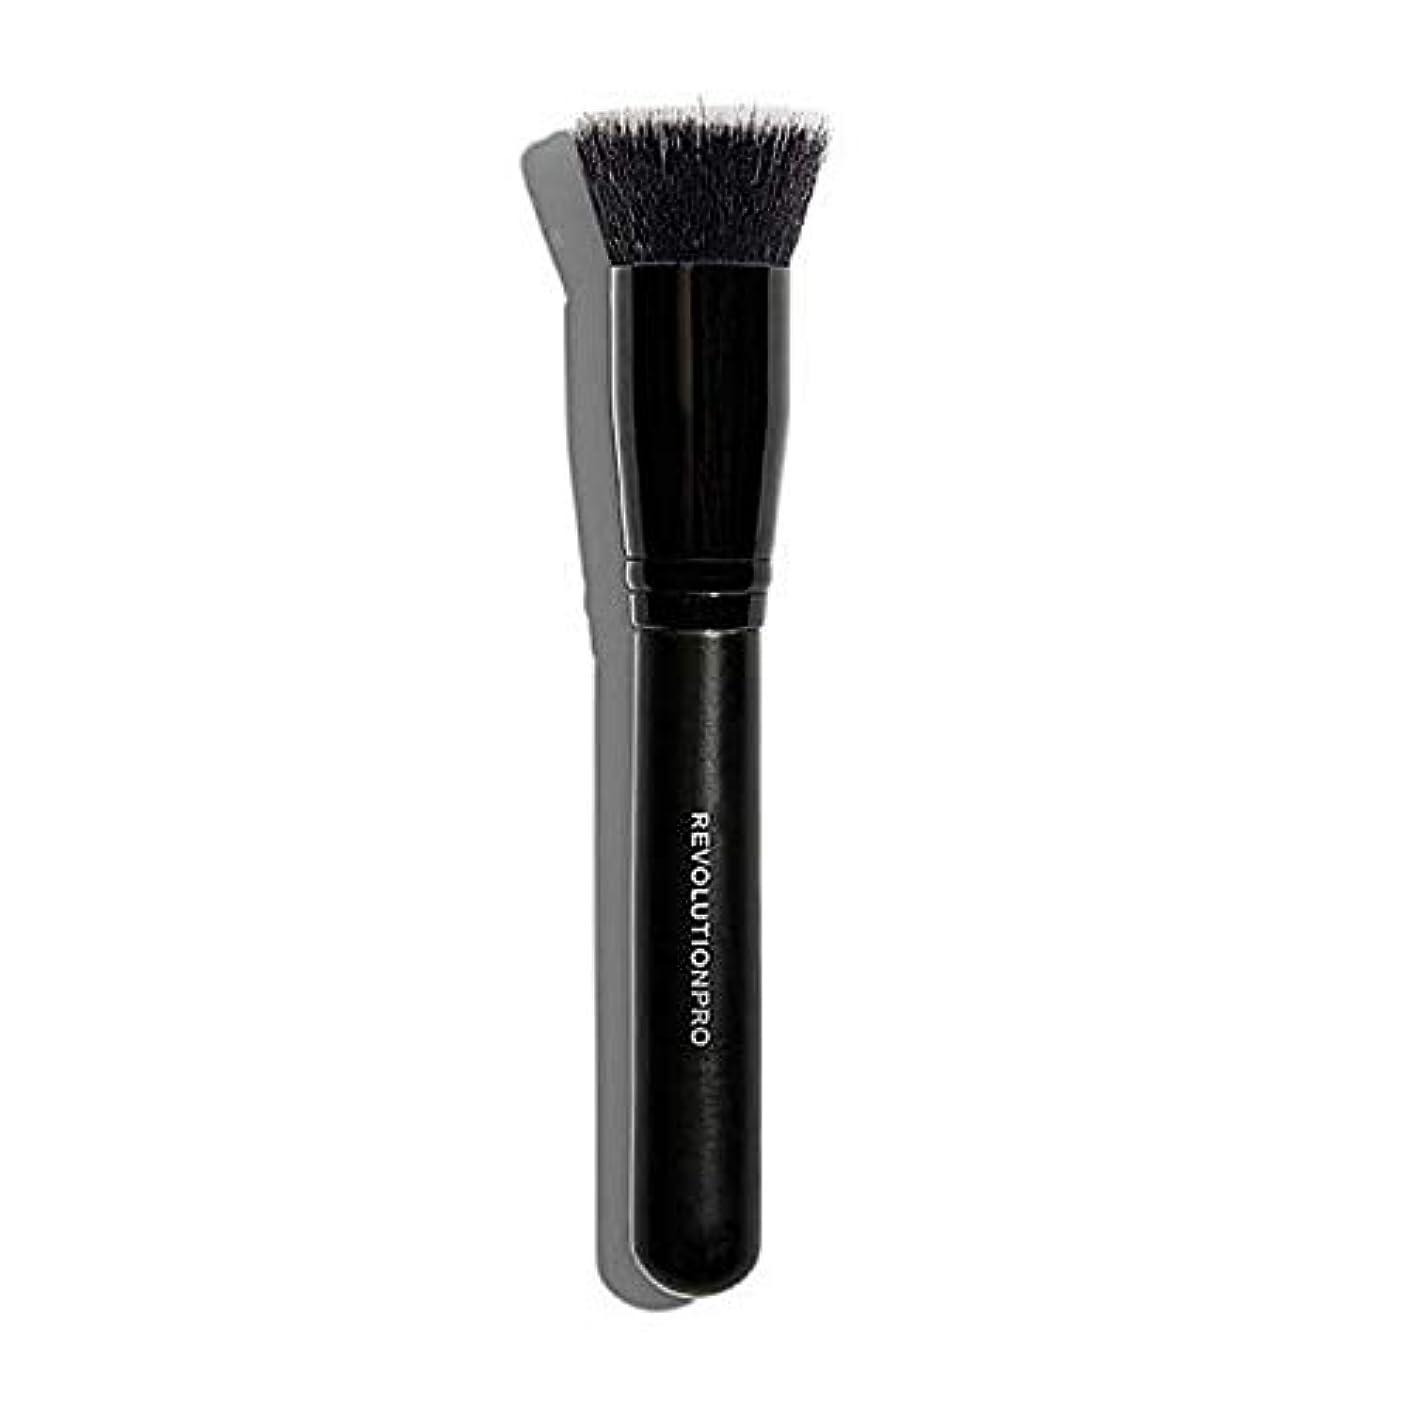 常識哀拍手[Revolution ] 革命プロの液滴の基礎化粧ブラシ - Revolution Pro Liquid Drop Foundation Makeup Brush [並行輸入品]